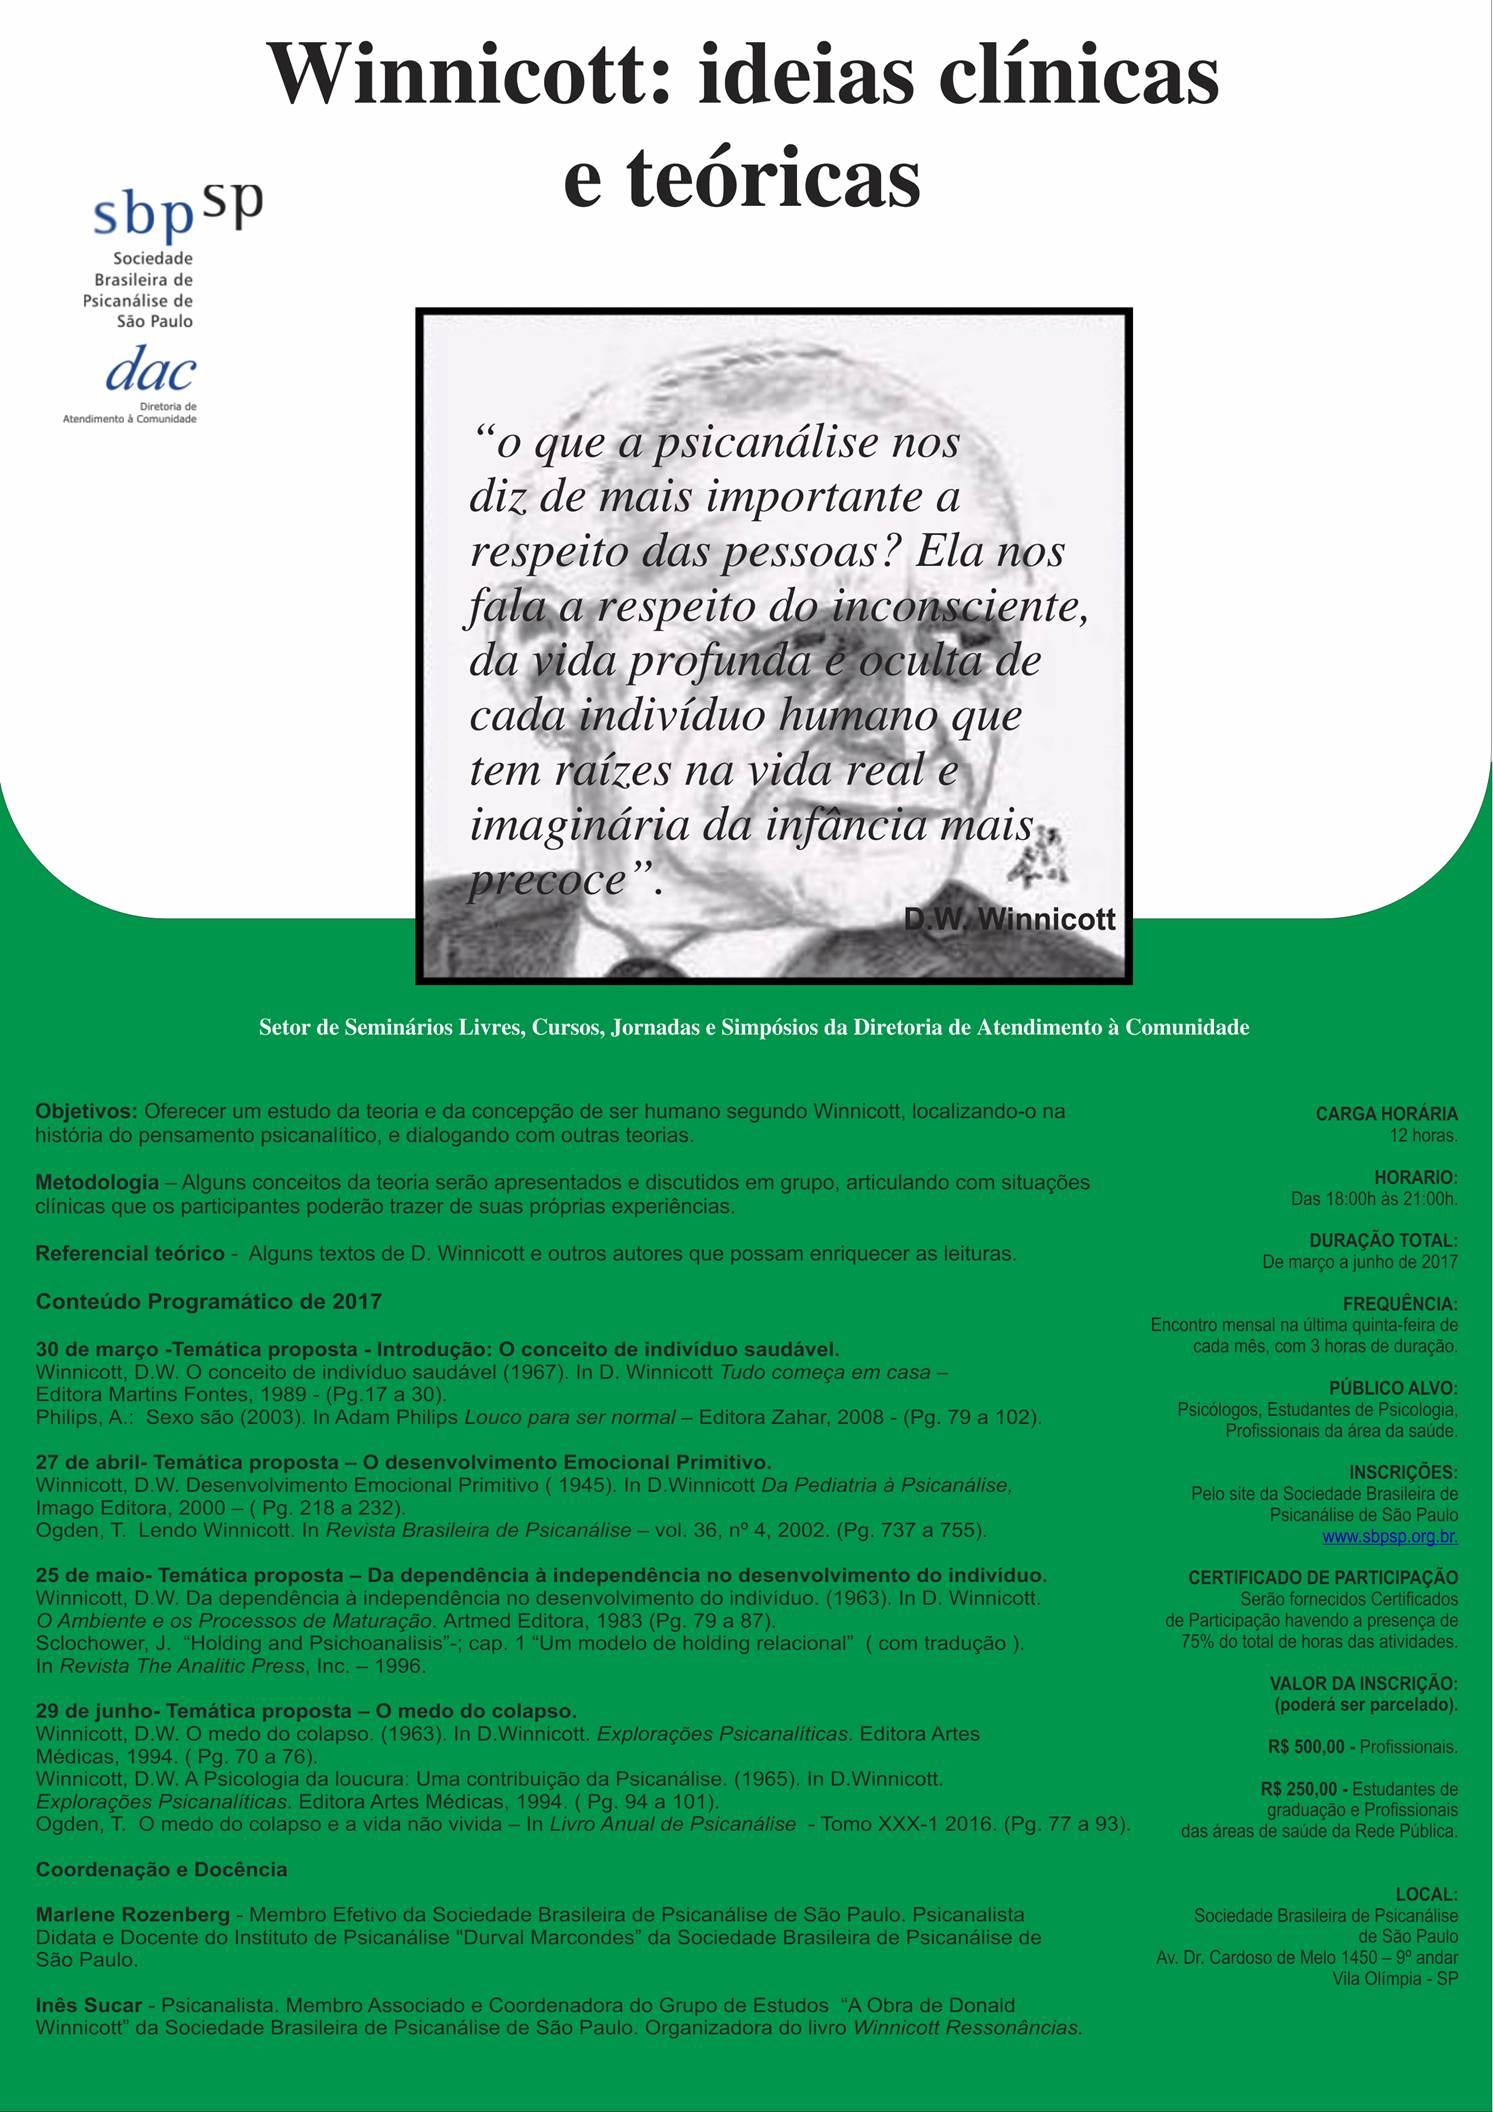 Curso Winnicott: ideias clínicas e teóricas